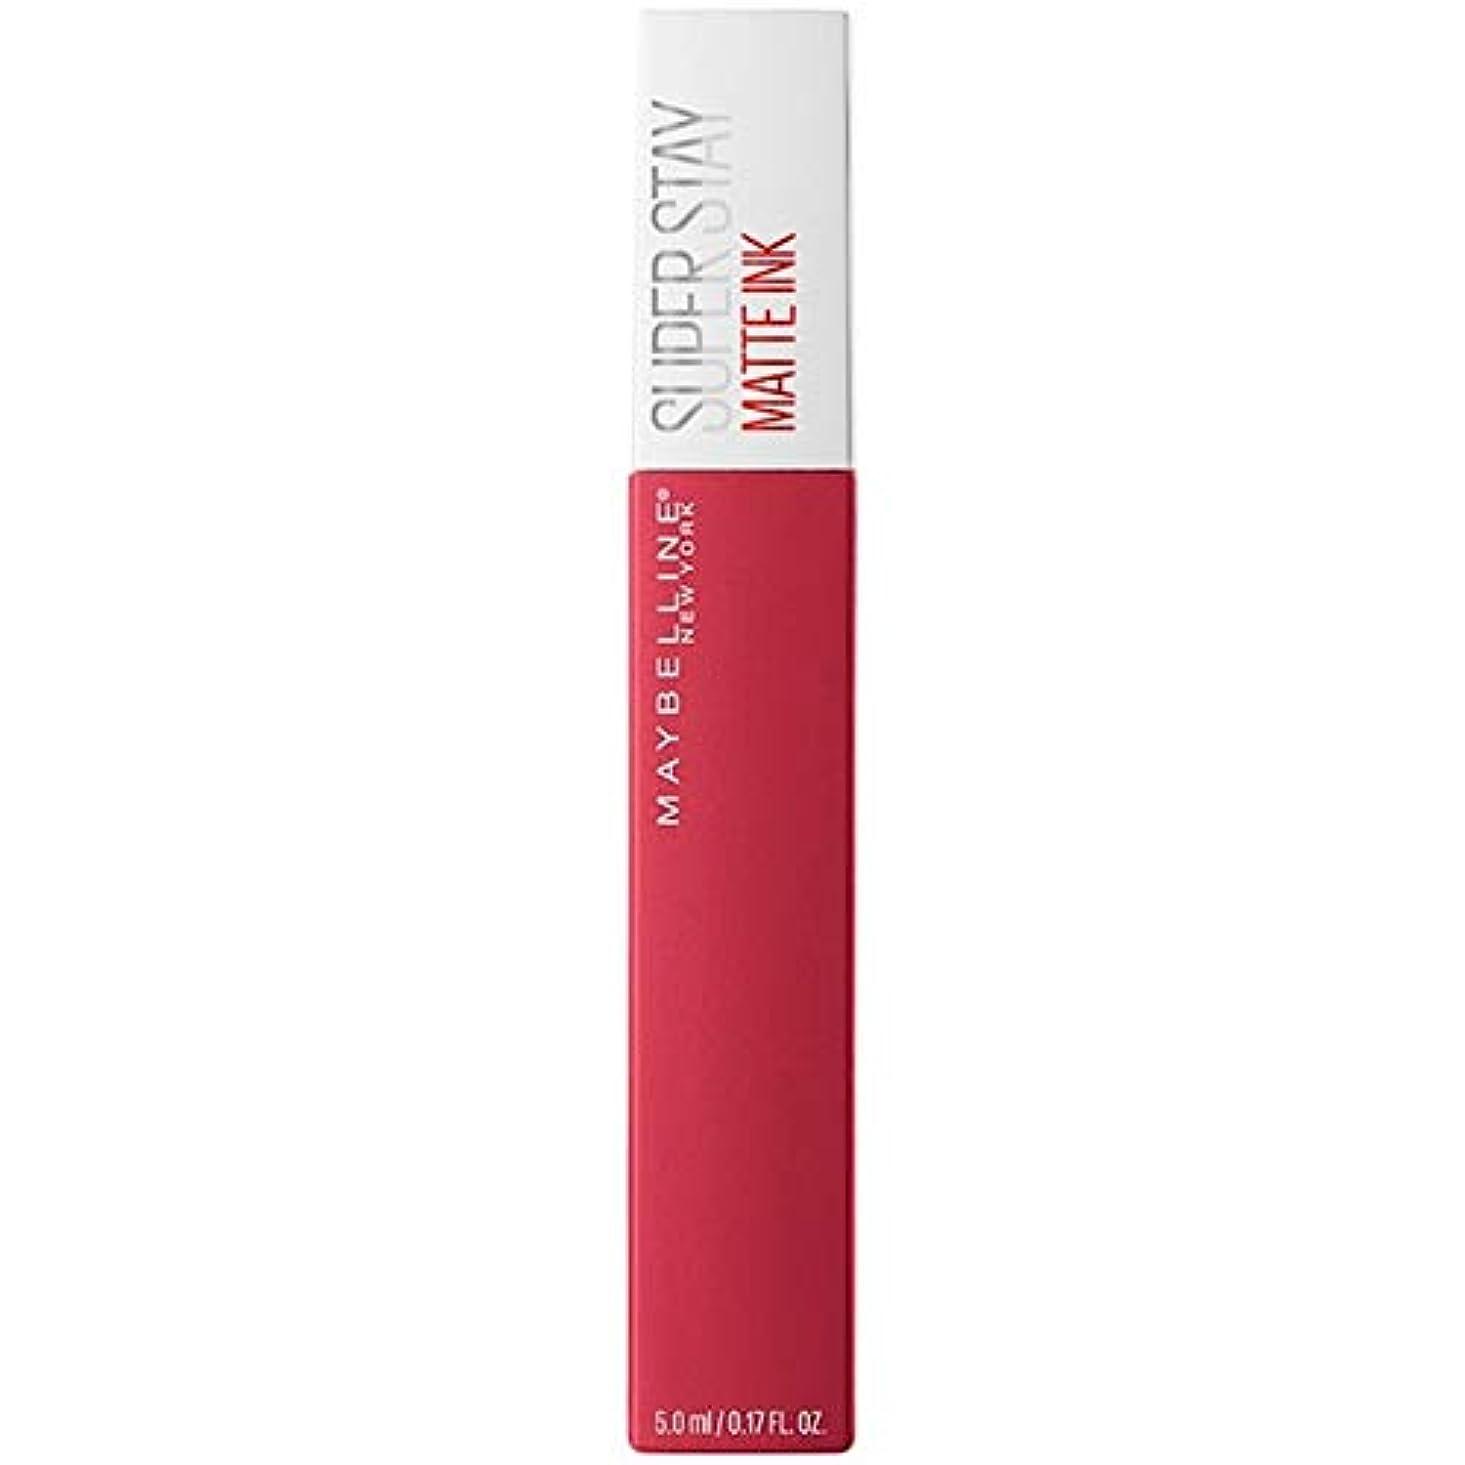 概念みがきます飲み込む[Maybelline ] メイベリンSuperstayマットインク液口紅80定規5ミリリットル - Maybelline Superstay Matte Ink Liquid Lipstick 80 Ruler 5ml...